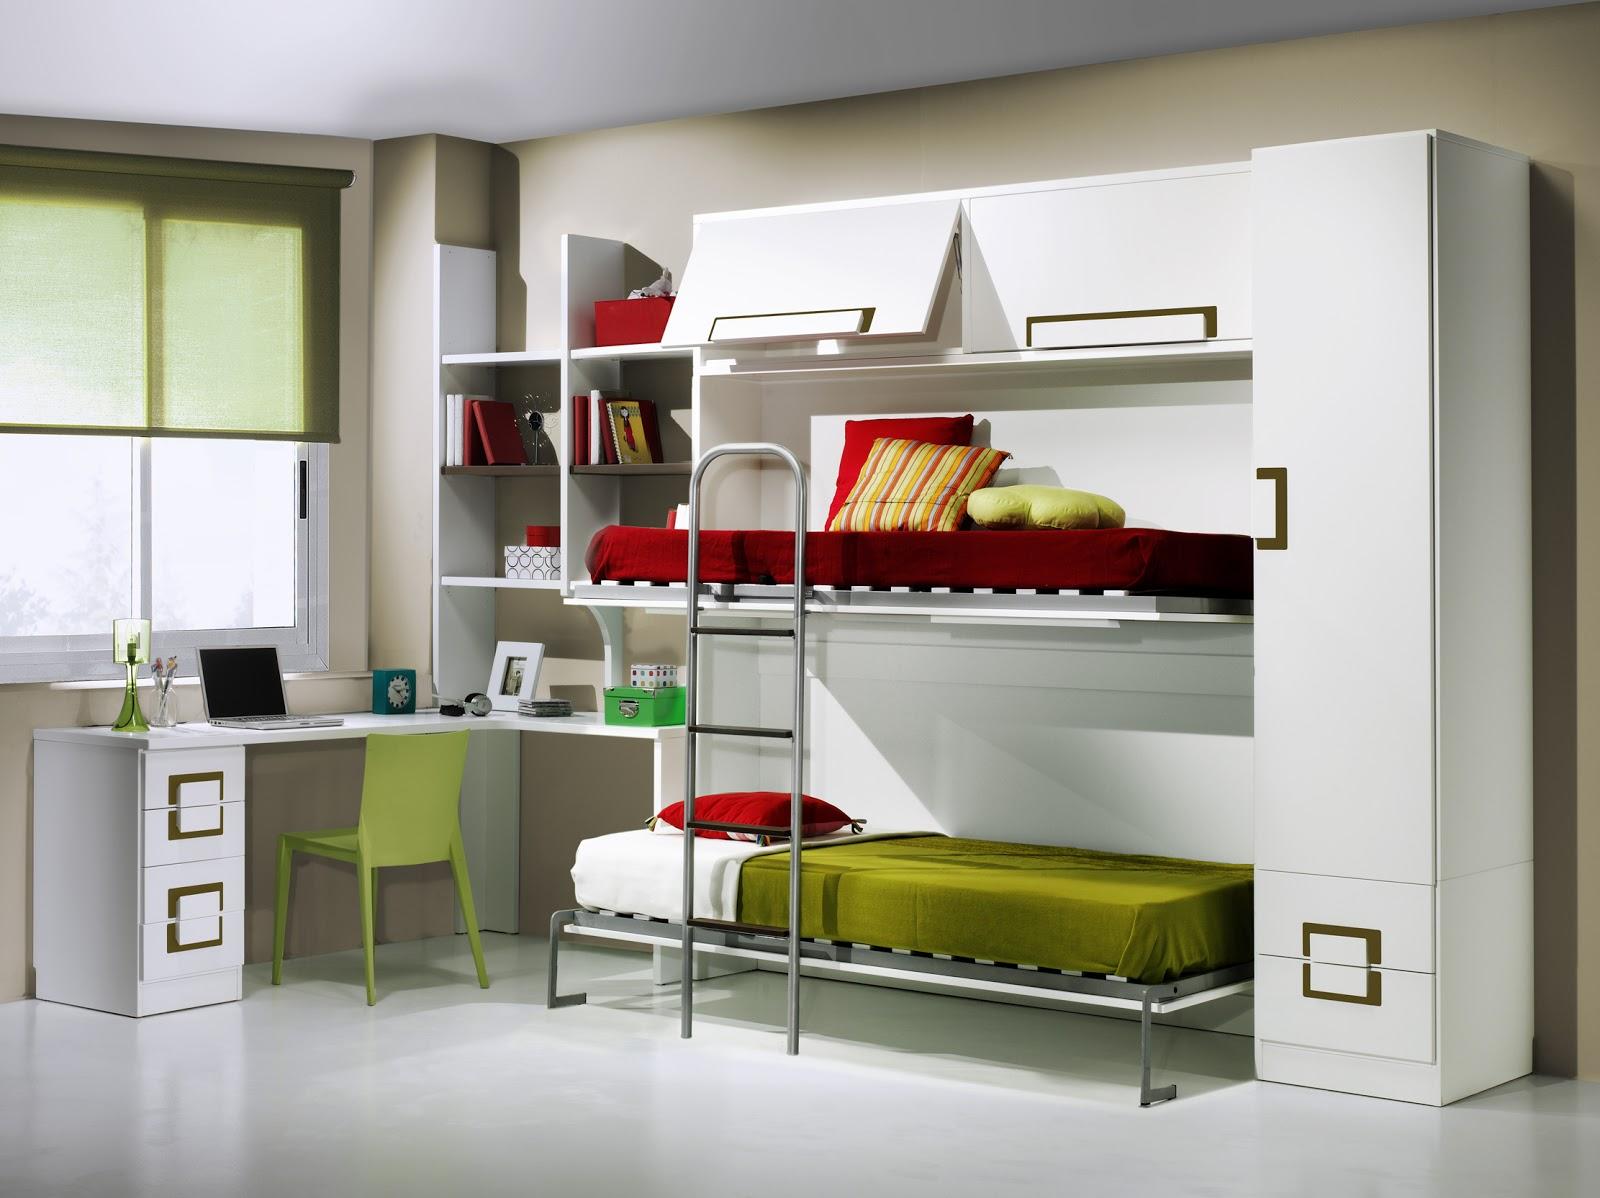 Muebles Para Espacio Reducido Cool Los Muebles A Medida Son  # Muebles Plegables